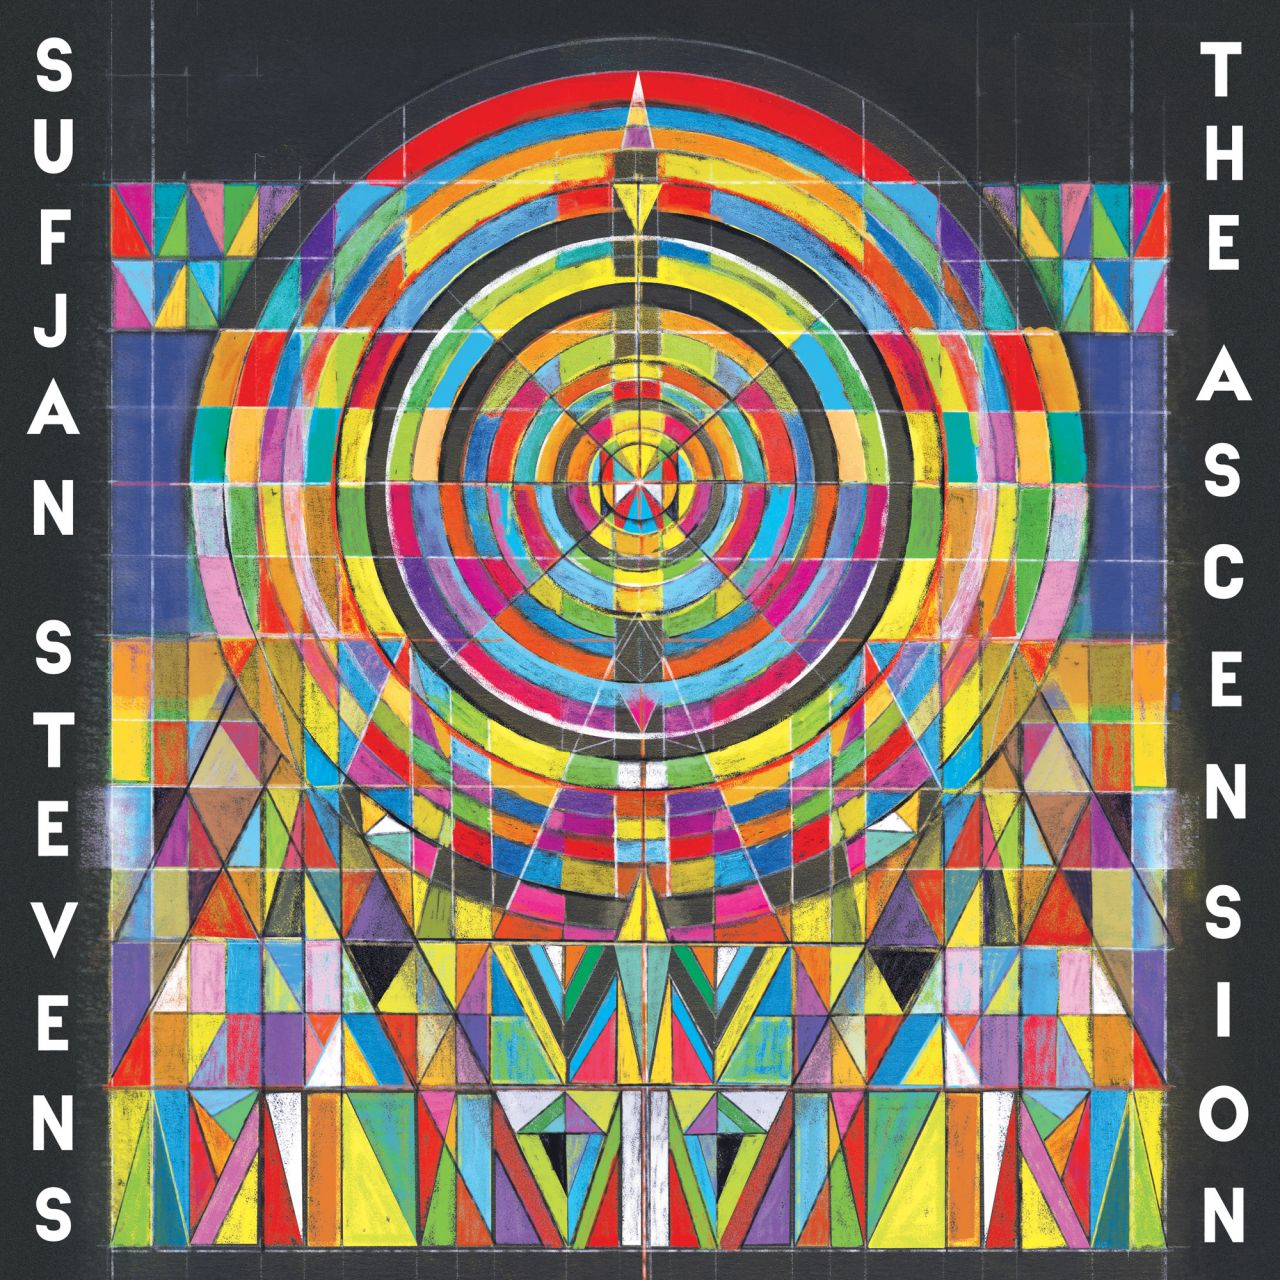 Sufjan Stevens - The Ascension - 2LP